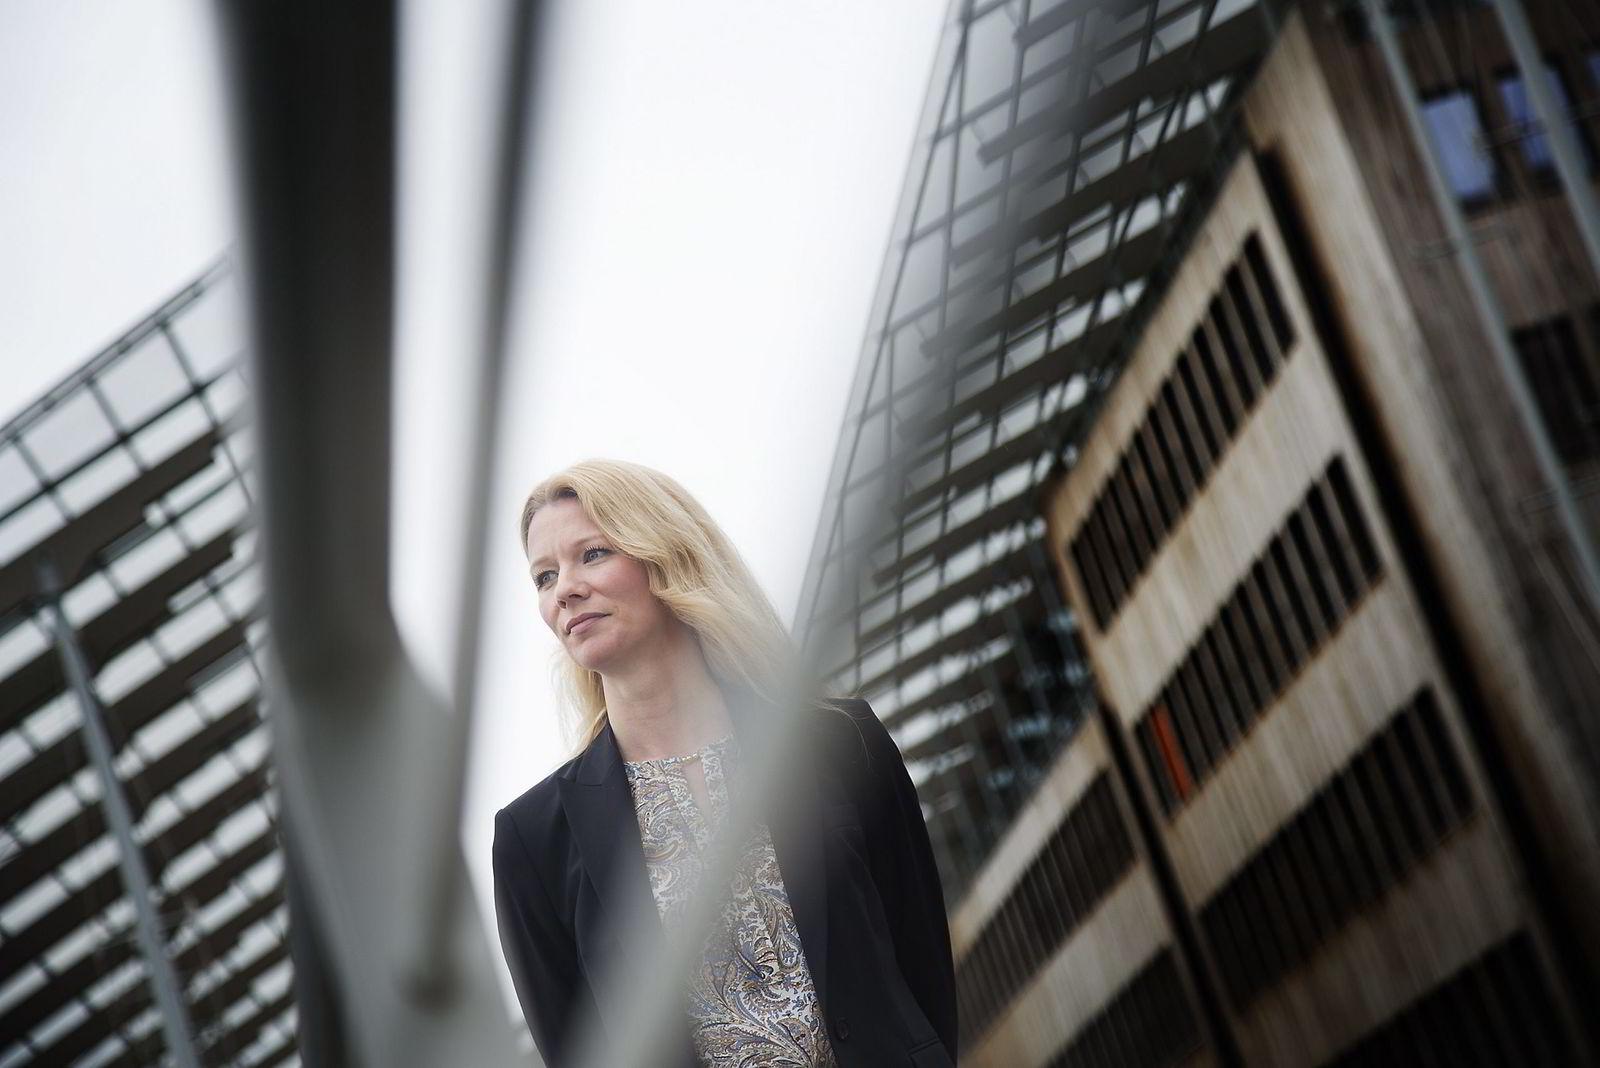 Sjeføkonom Kari Due-Andresen i Handelsbanken Capital Markets viser til at befolkningsveksten i Oslo er avtakende. Foto: